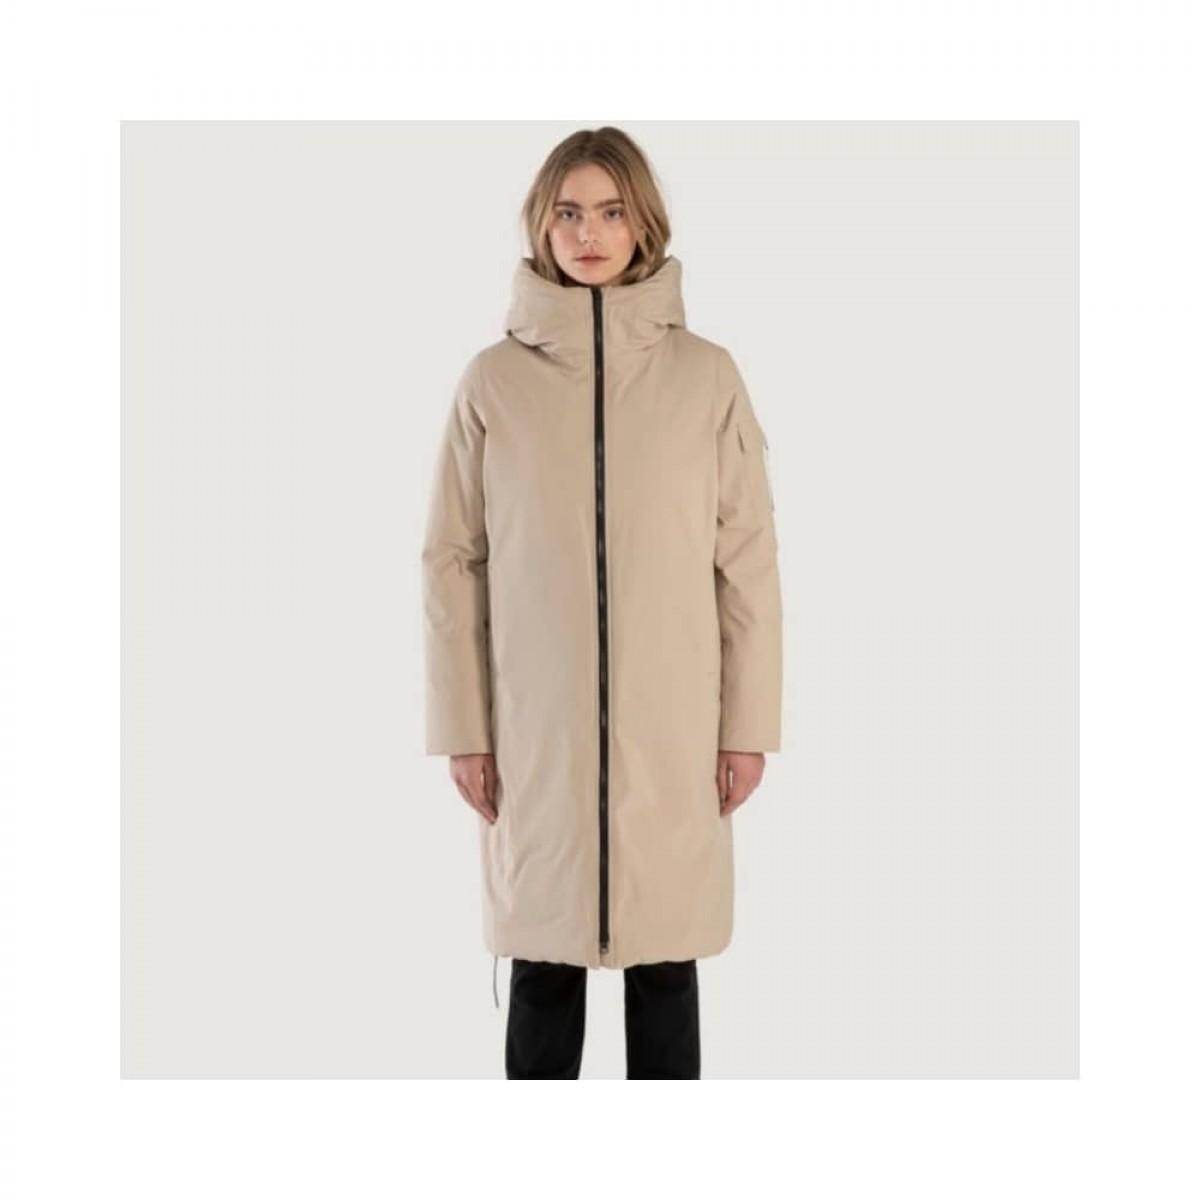 bjorli jacket - beige - model lyn detalje